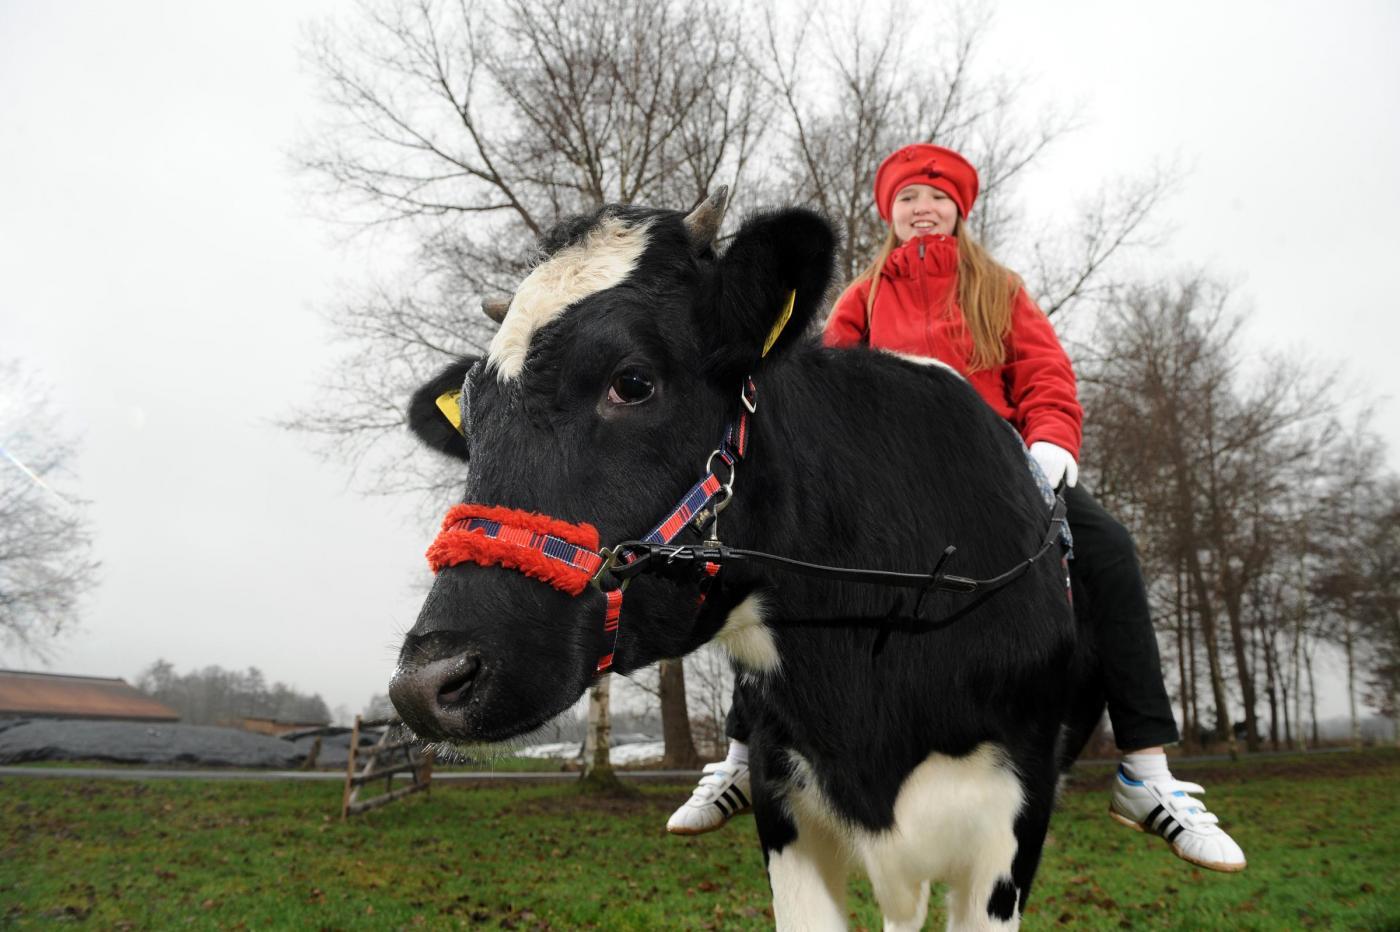 Germania, la ragazzina che a 12 anni cavalca la mucca05